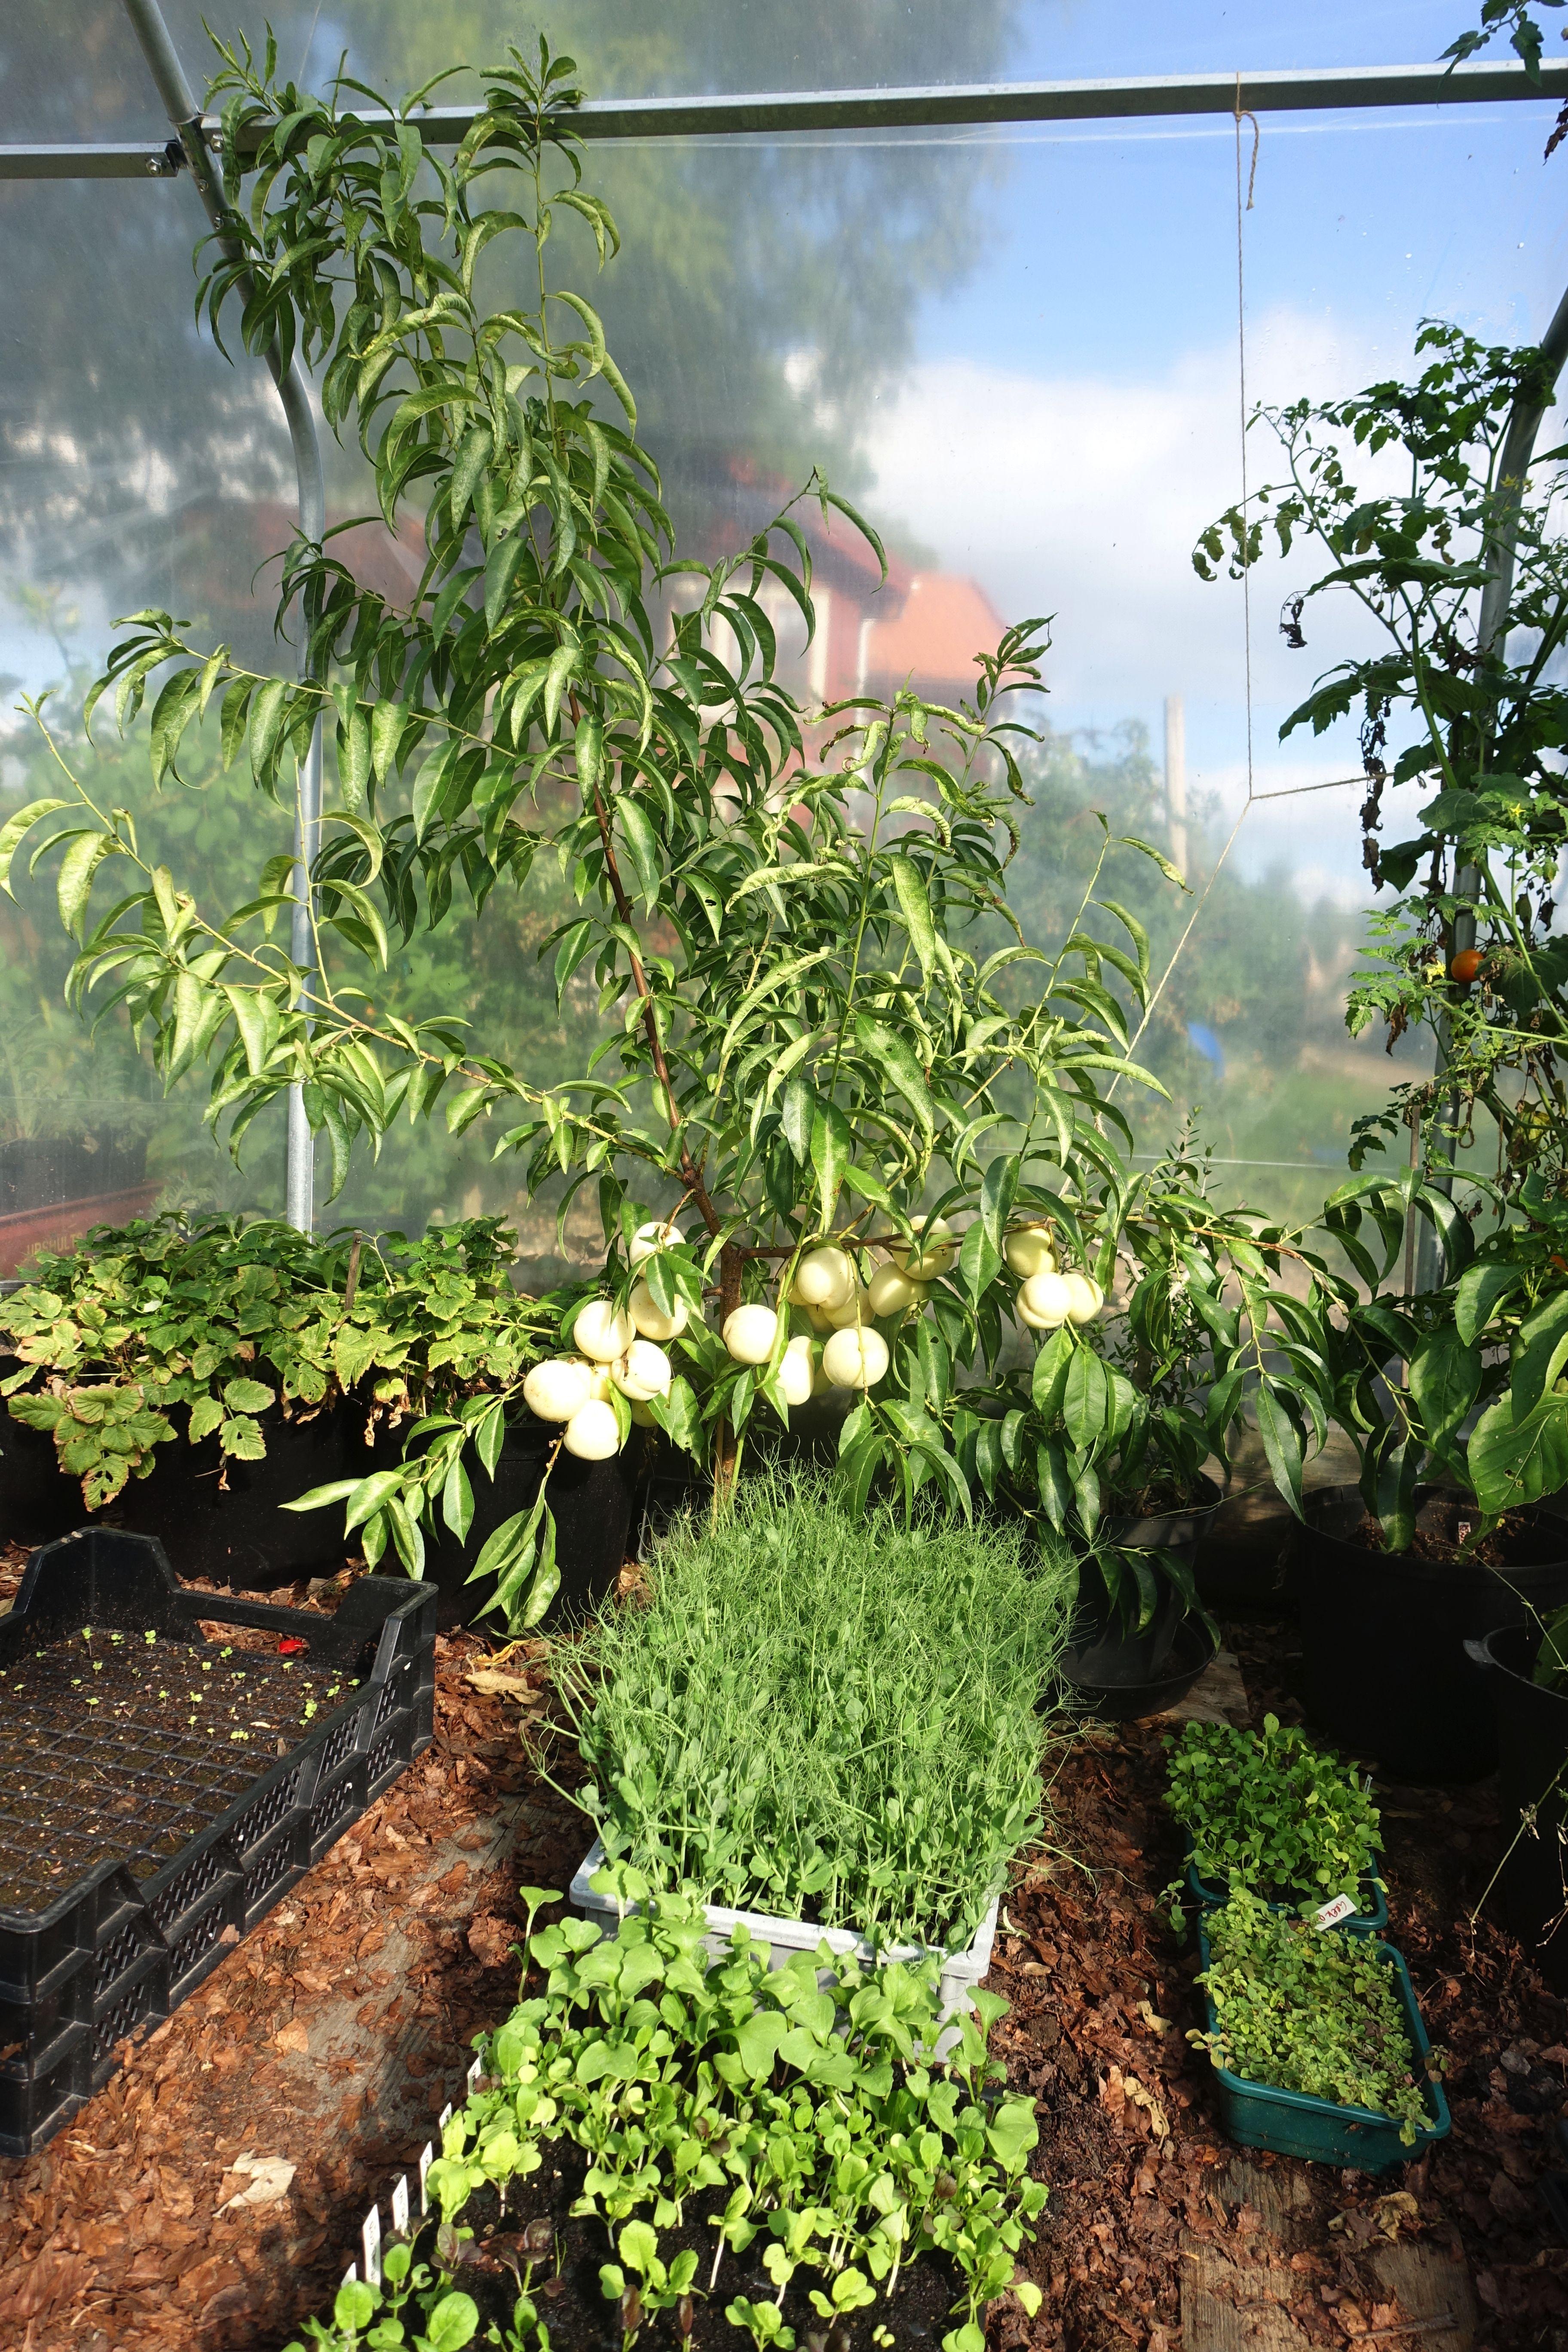 Ett litet träd i ett växthus, bakom stora tråg med små gröna plantor. White peach, a little tree in the greenhouse.